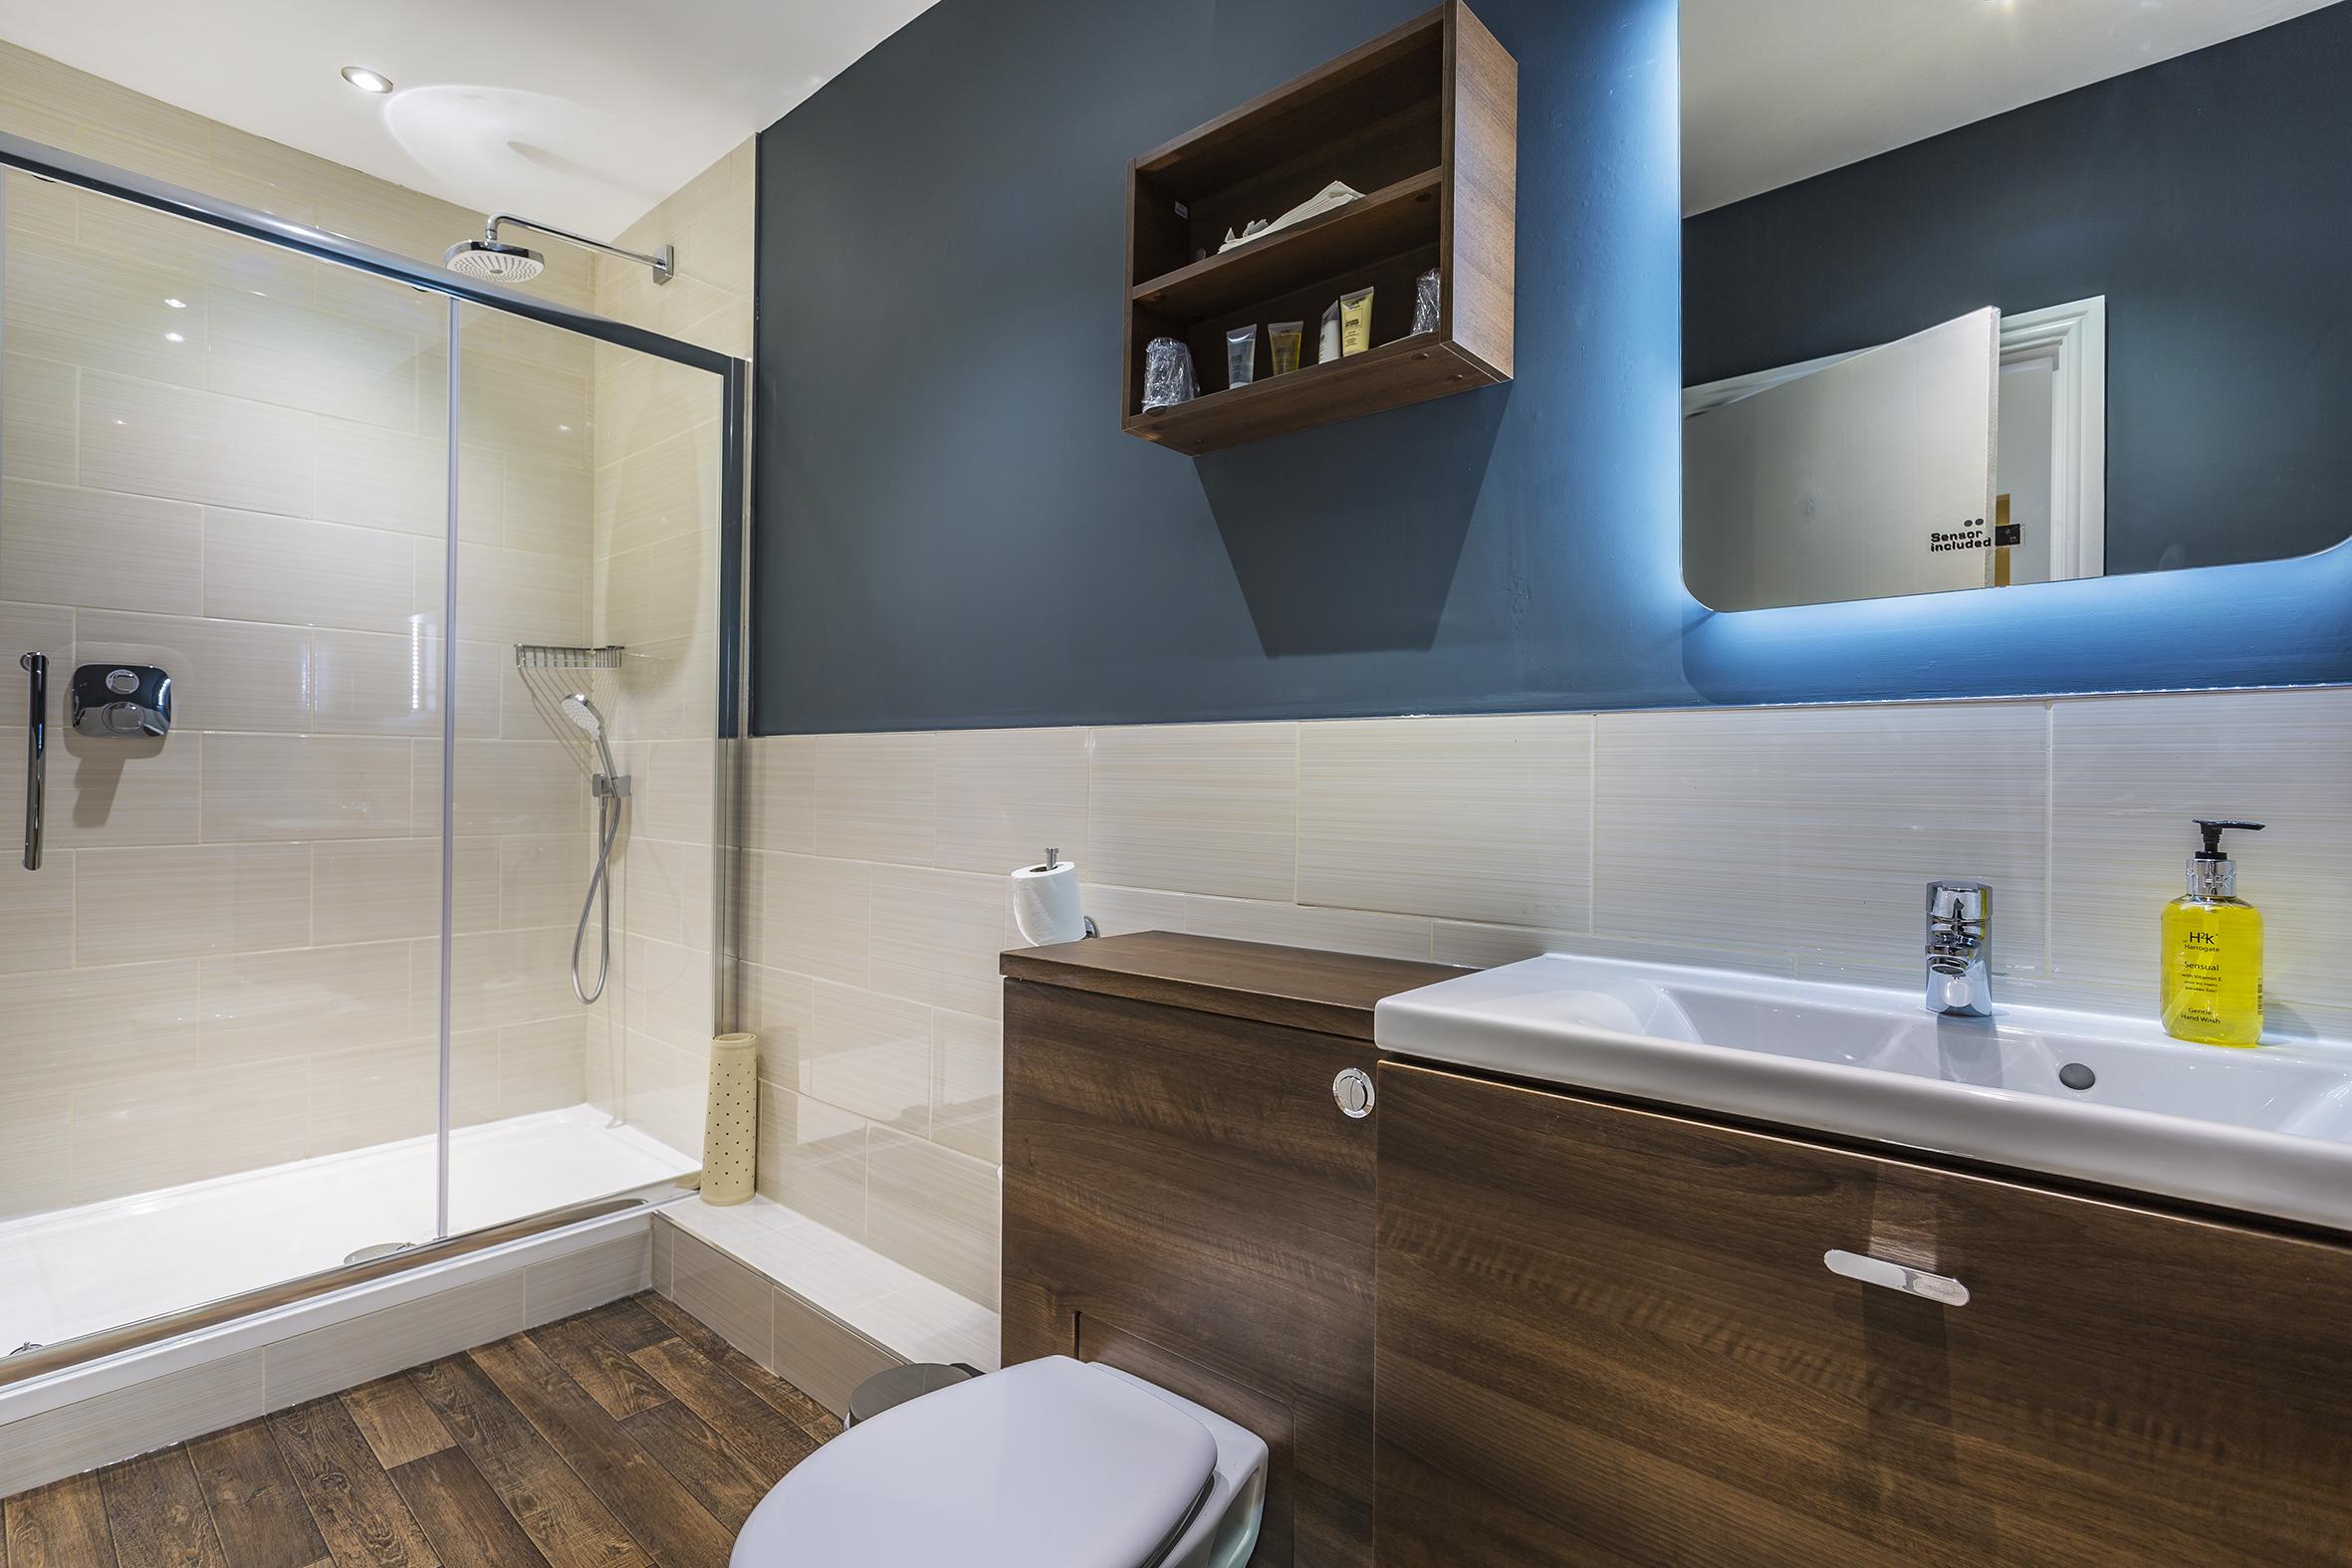 Golden Fleece Dick Turpin Bathroom 1.jpg